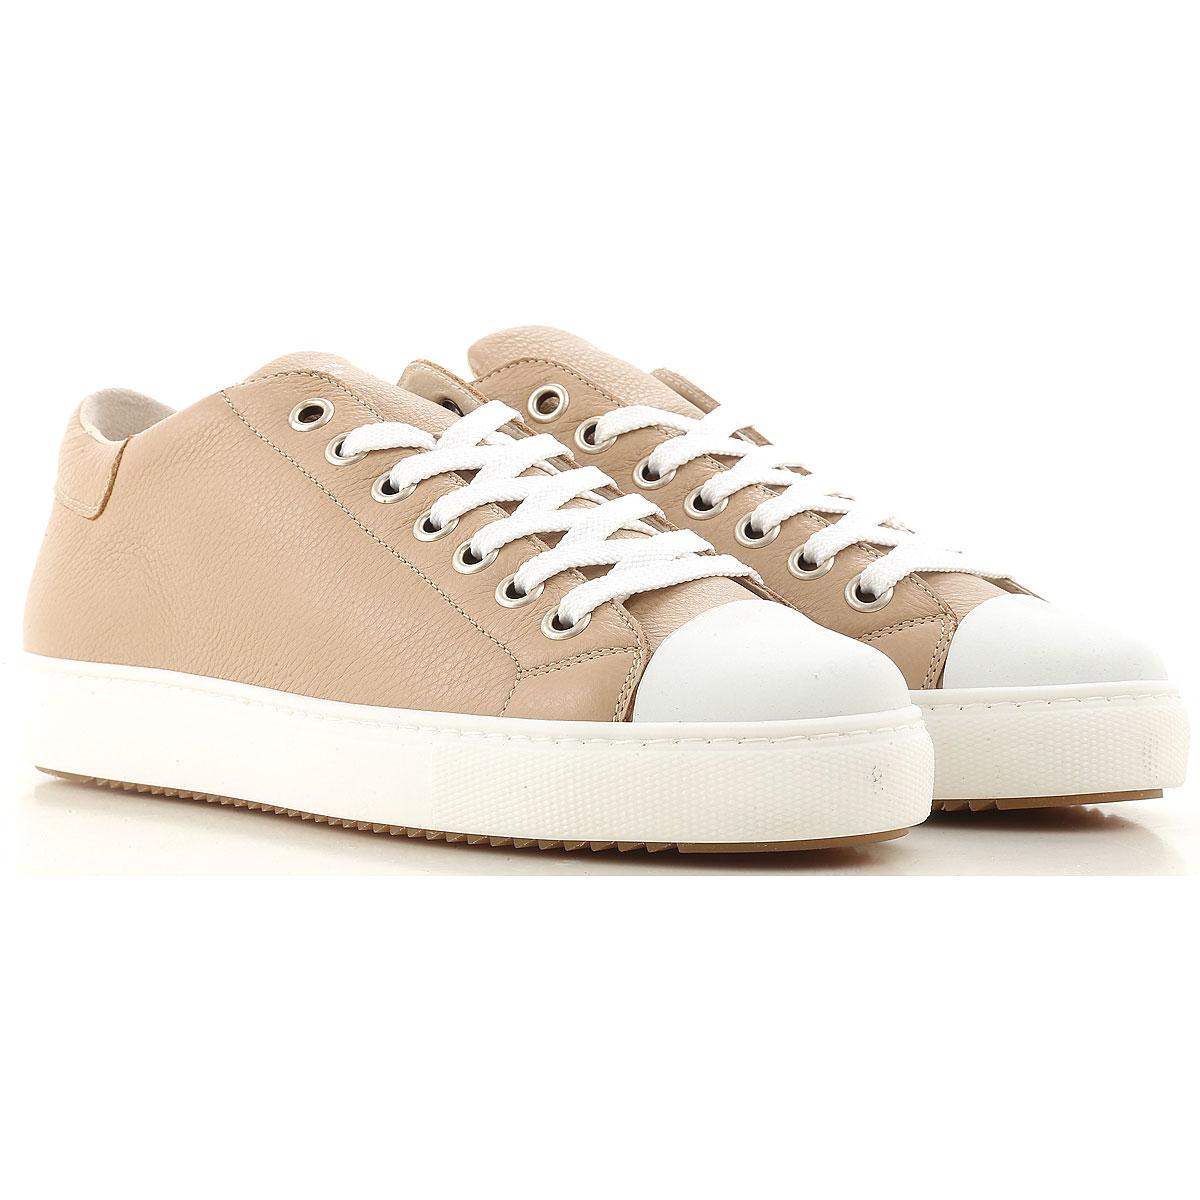 Ama Brand Sneaker Homme, Beige, Cuir, 2017, 40 40.5 42 42.5 43 44 45